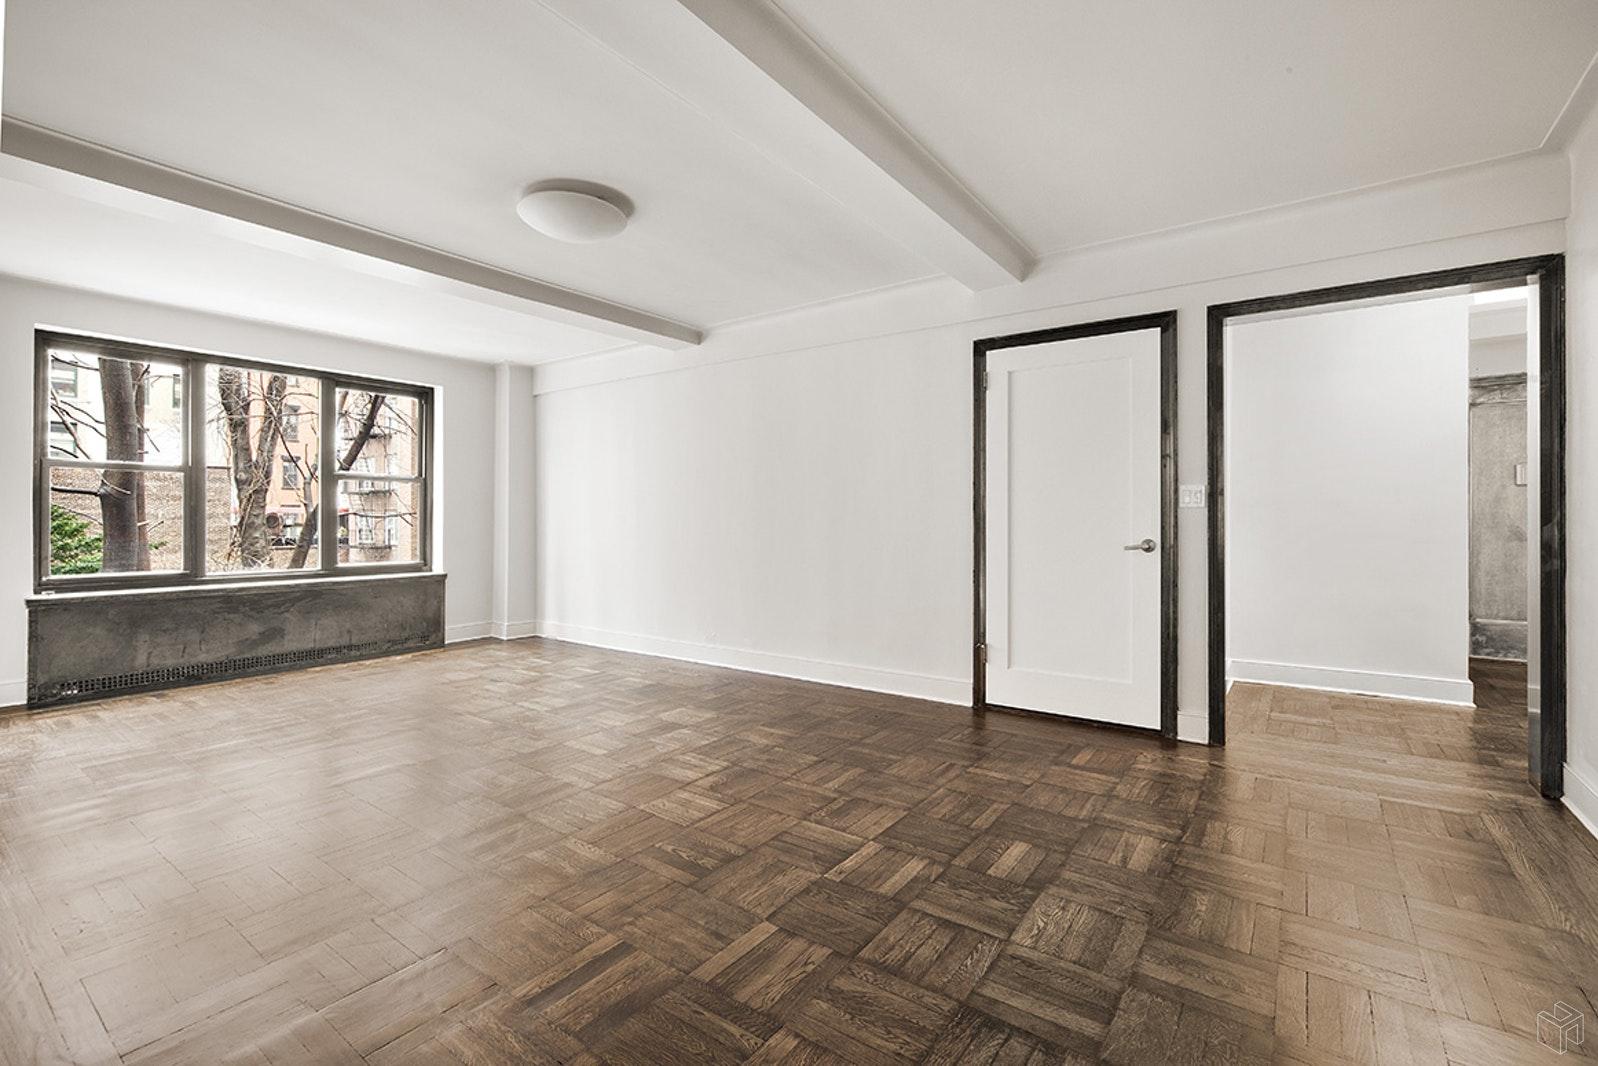 56 SEVENTH AVENUE 5C, West Village, $3,600, Web #: 19600681